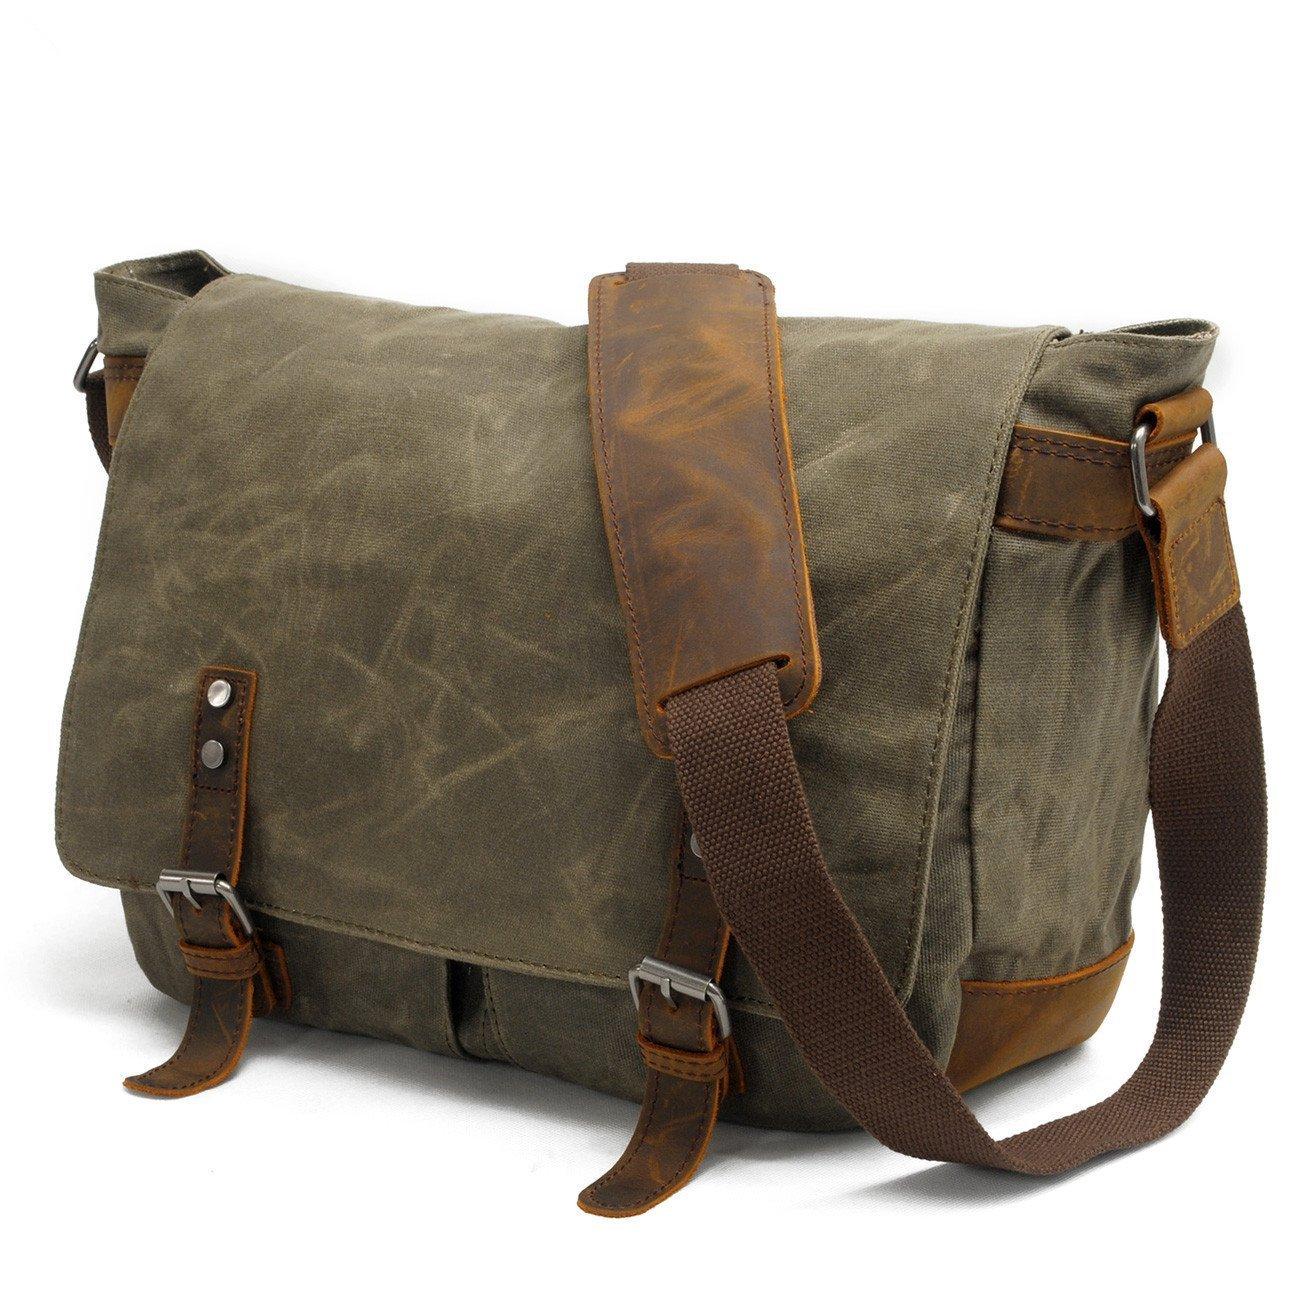 etc. Tablet 15 Messenger Bag with shoulder strap fabric satchel for Laptop